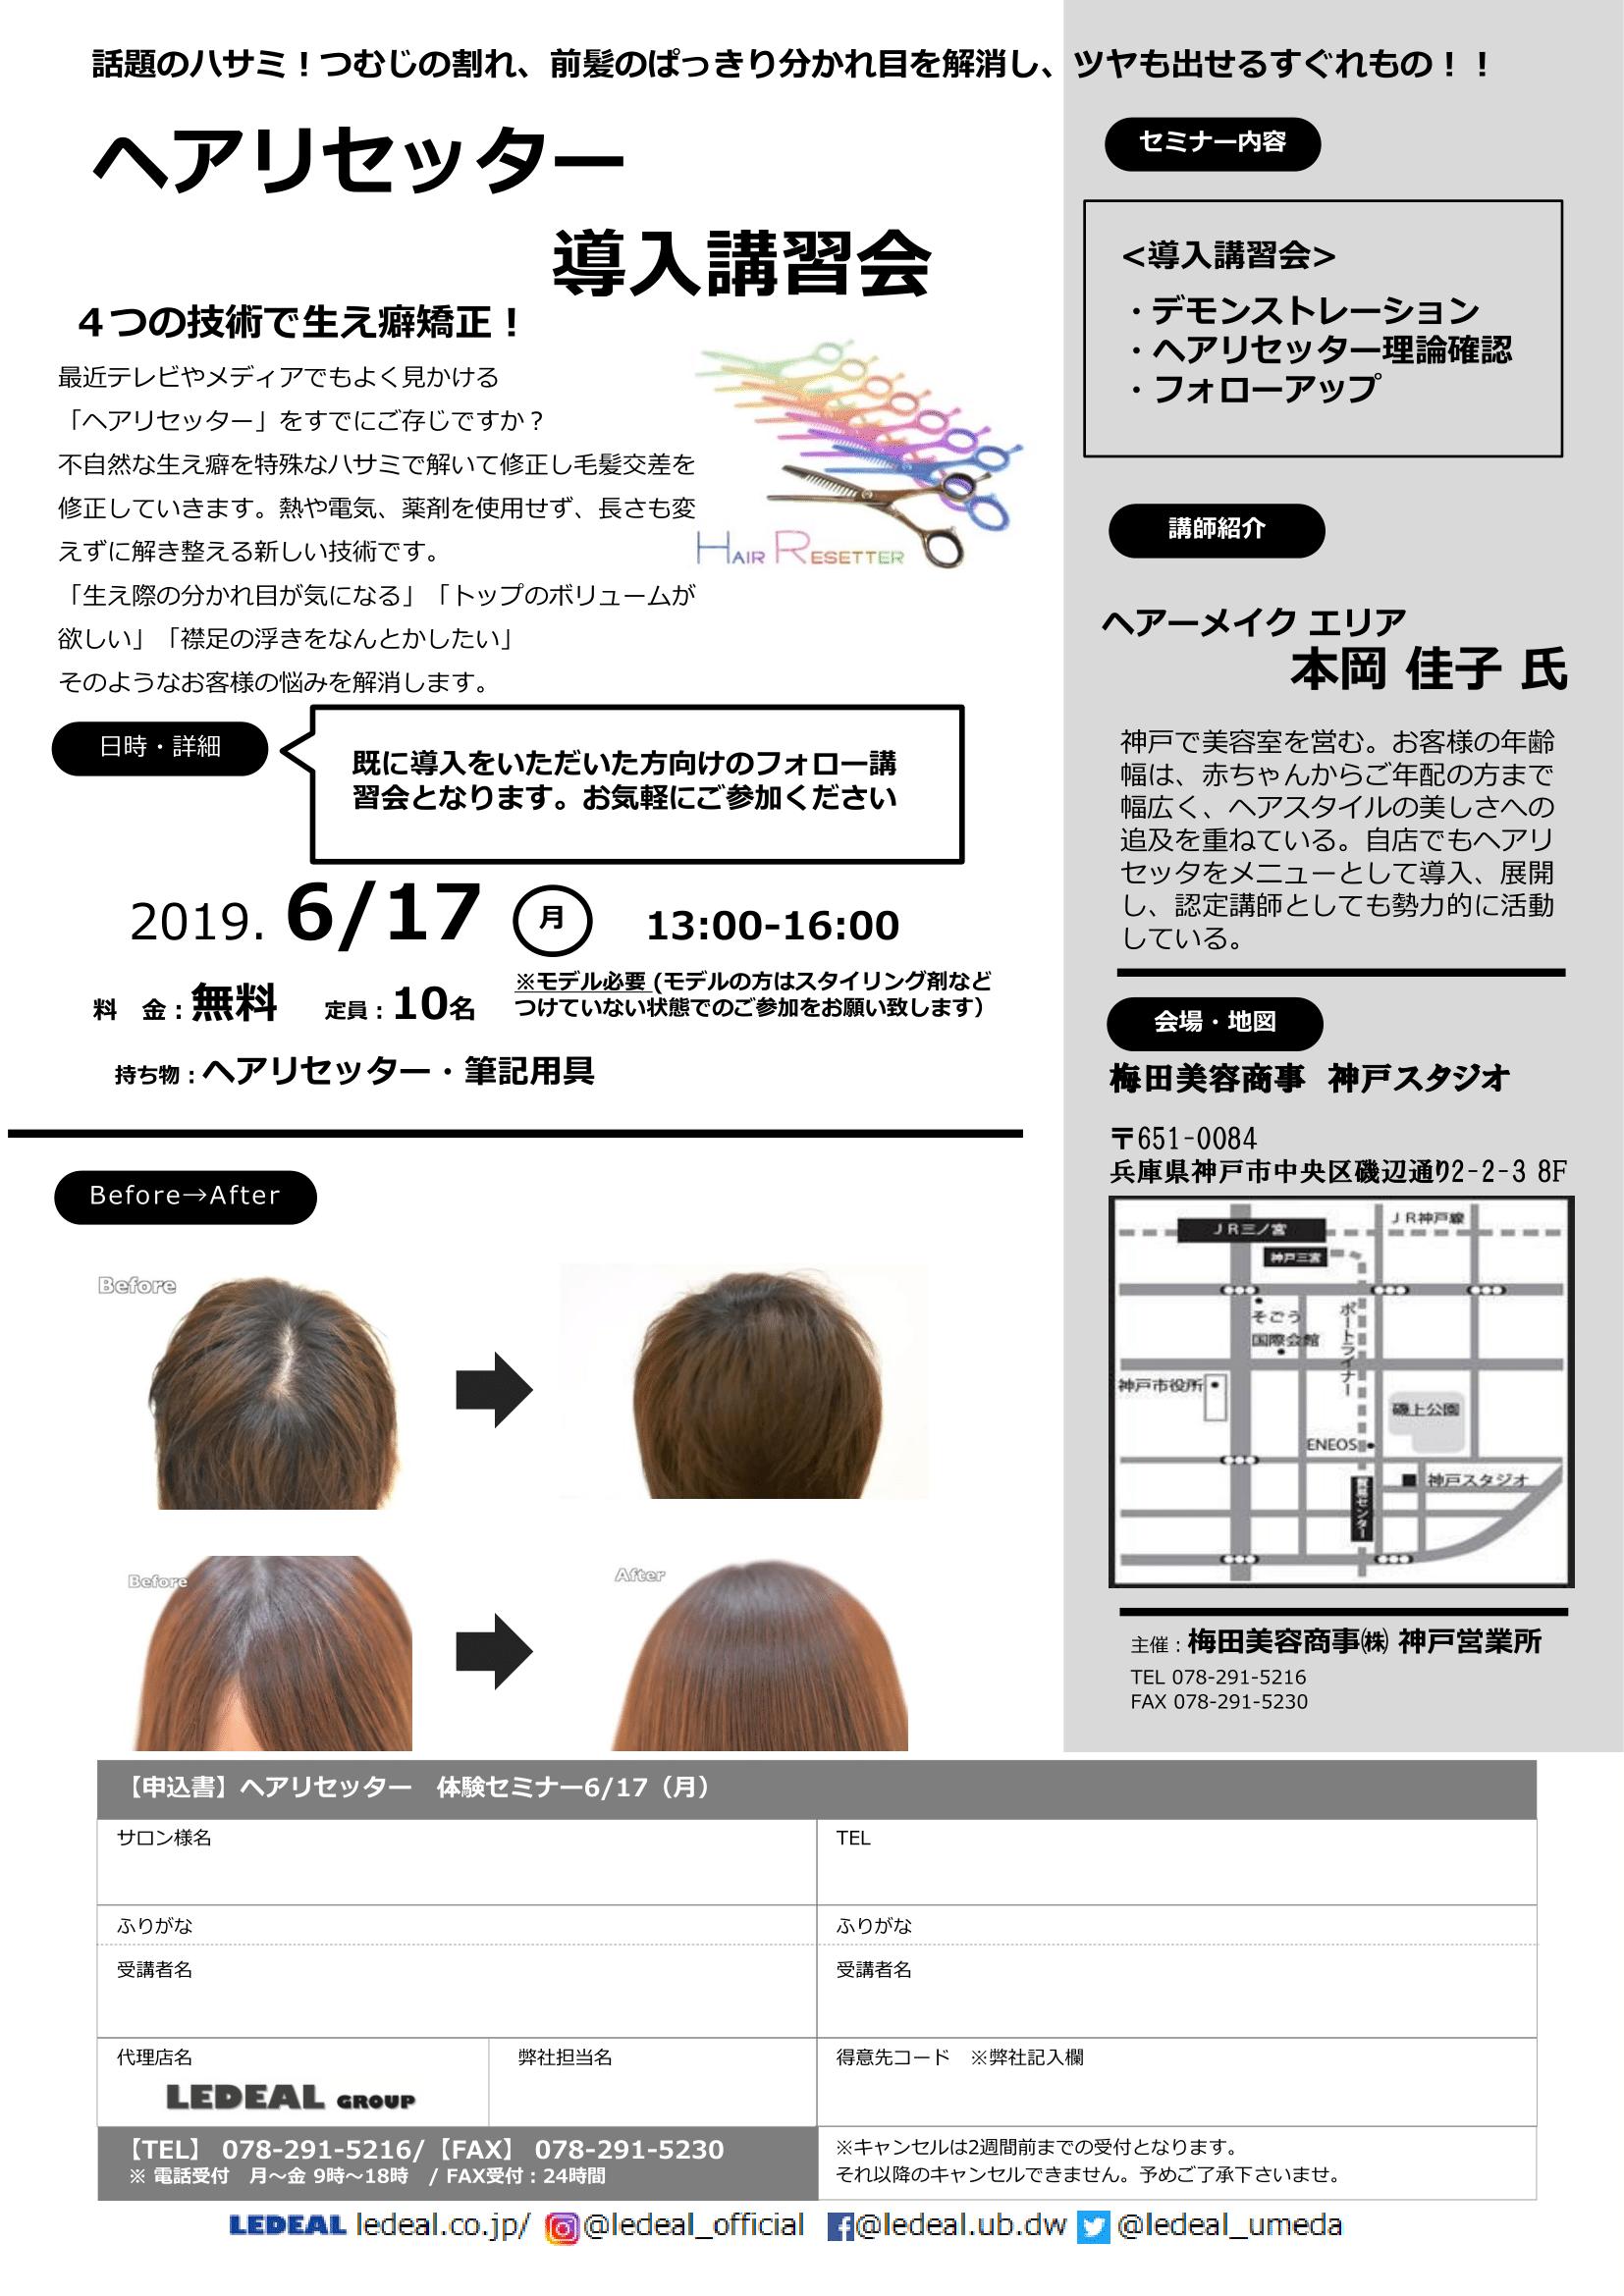 【神戸】ヘアリセッターセミナー ~導入講習会~